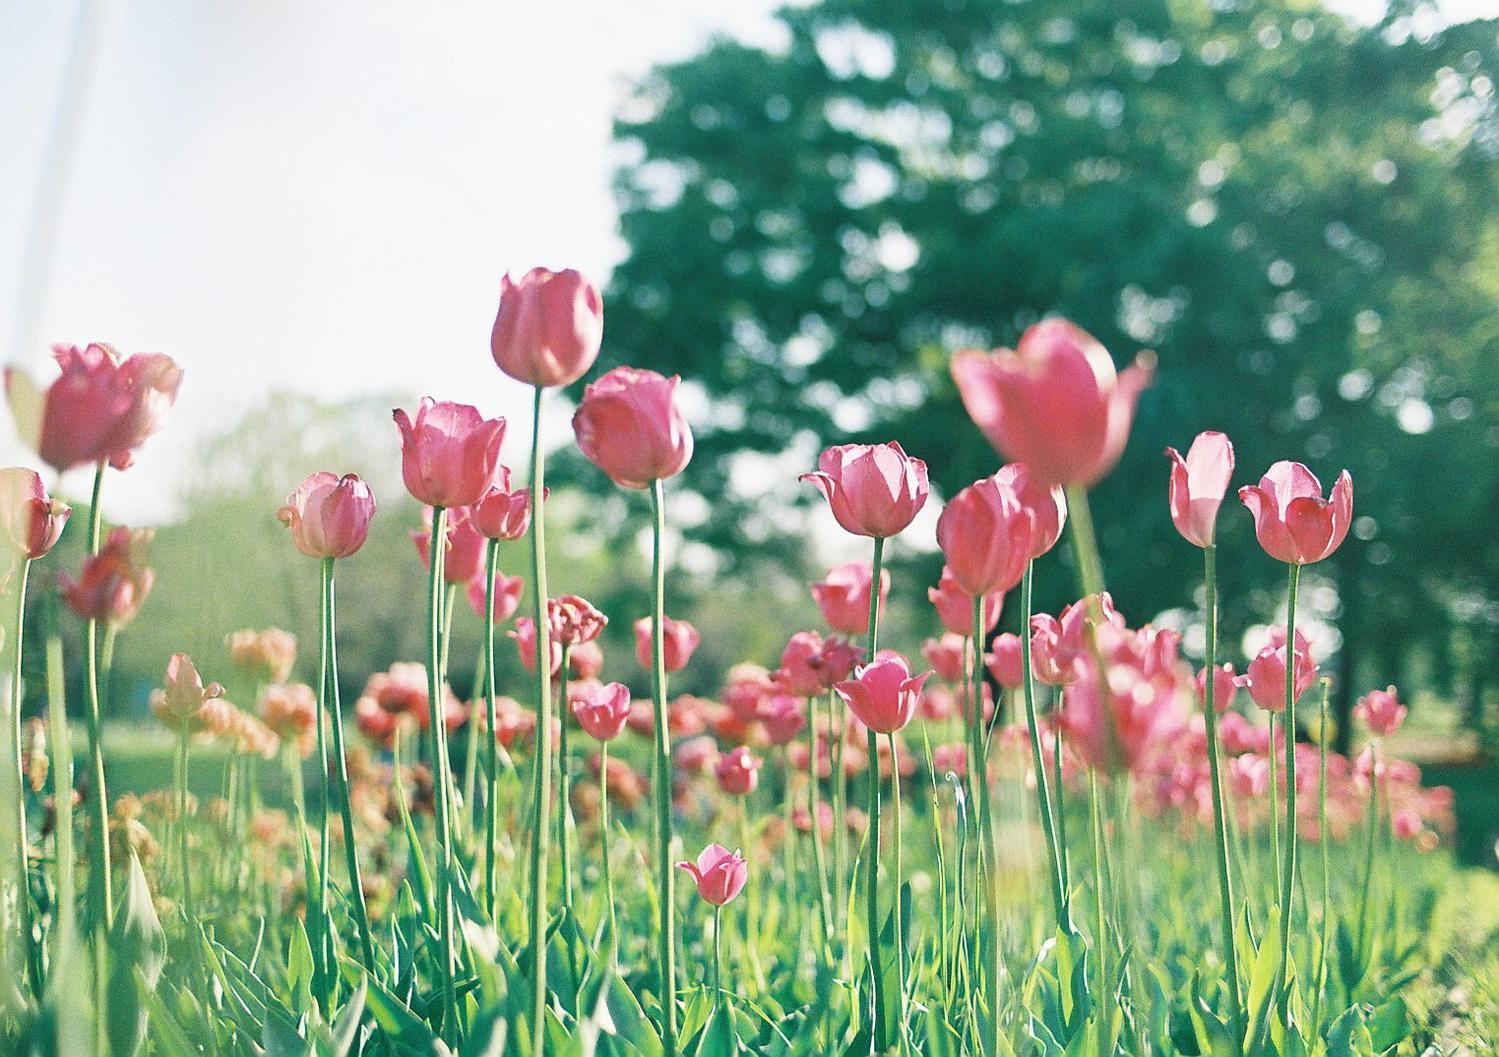 〜春〜 透けるようなむちっとした赤リップ